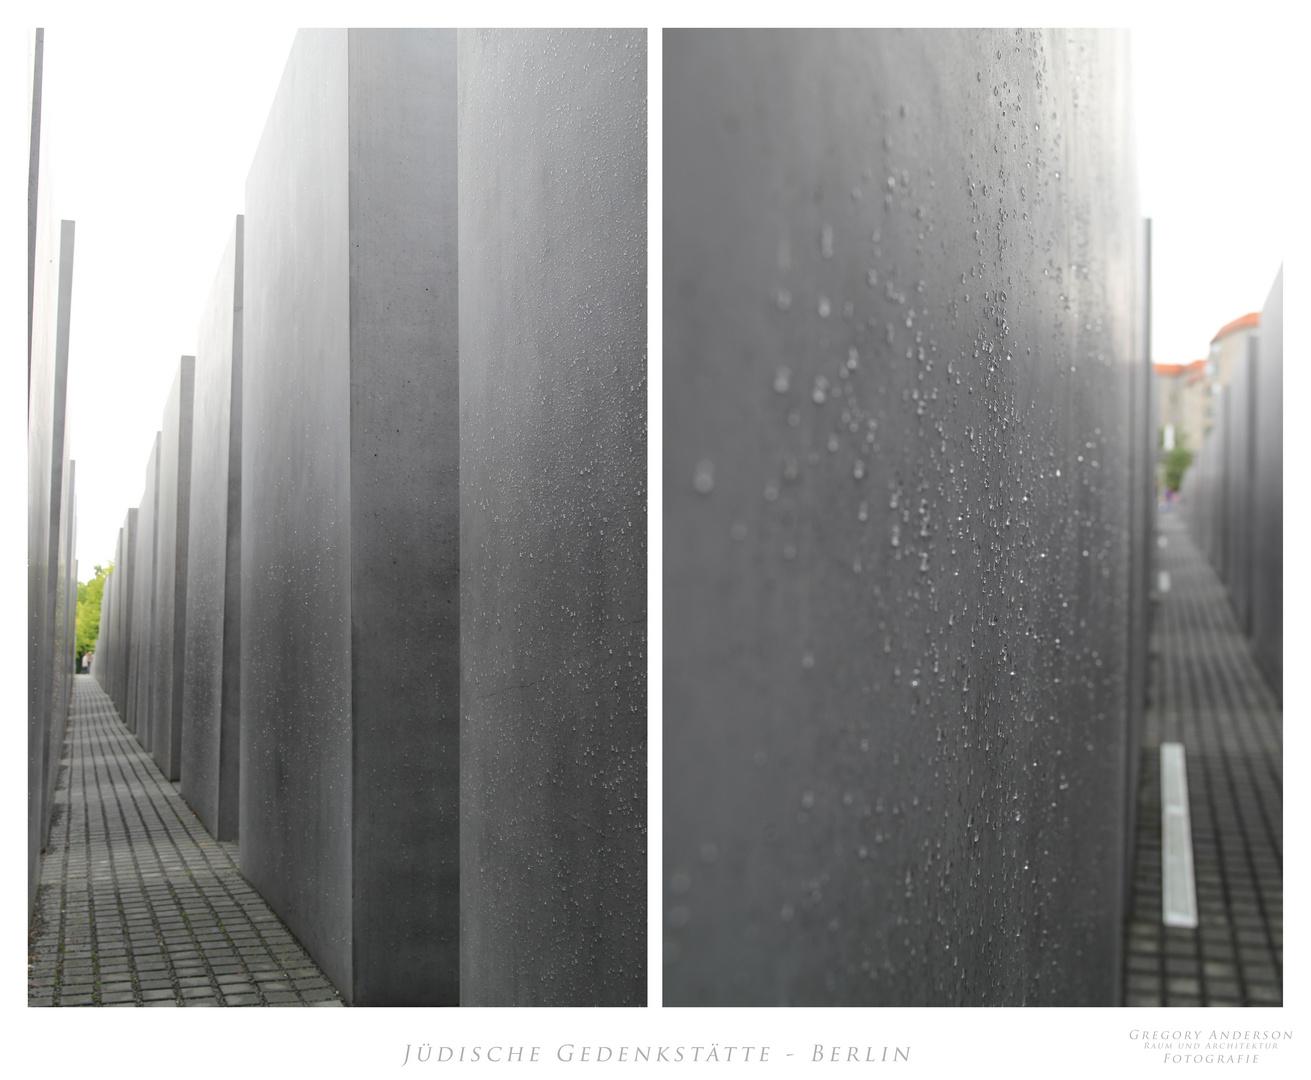 Jüdische Gedenkstätte - Berlin